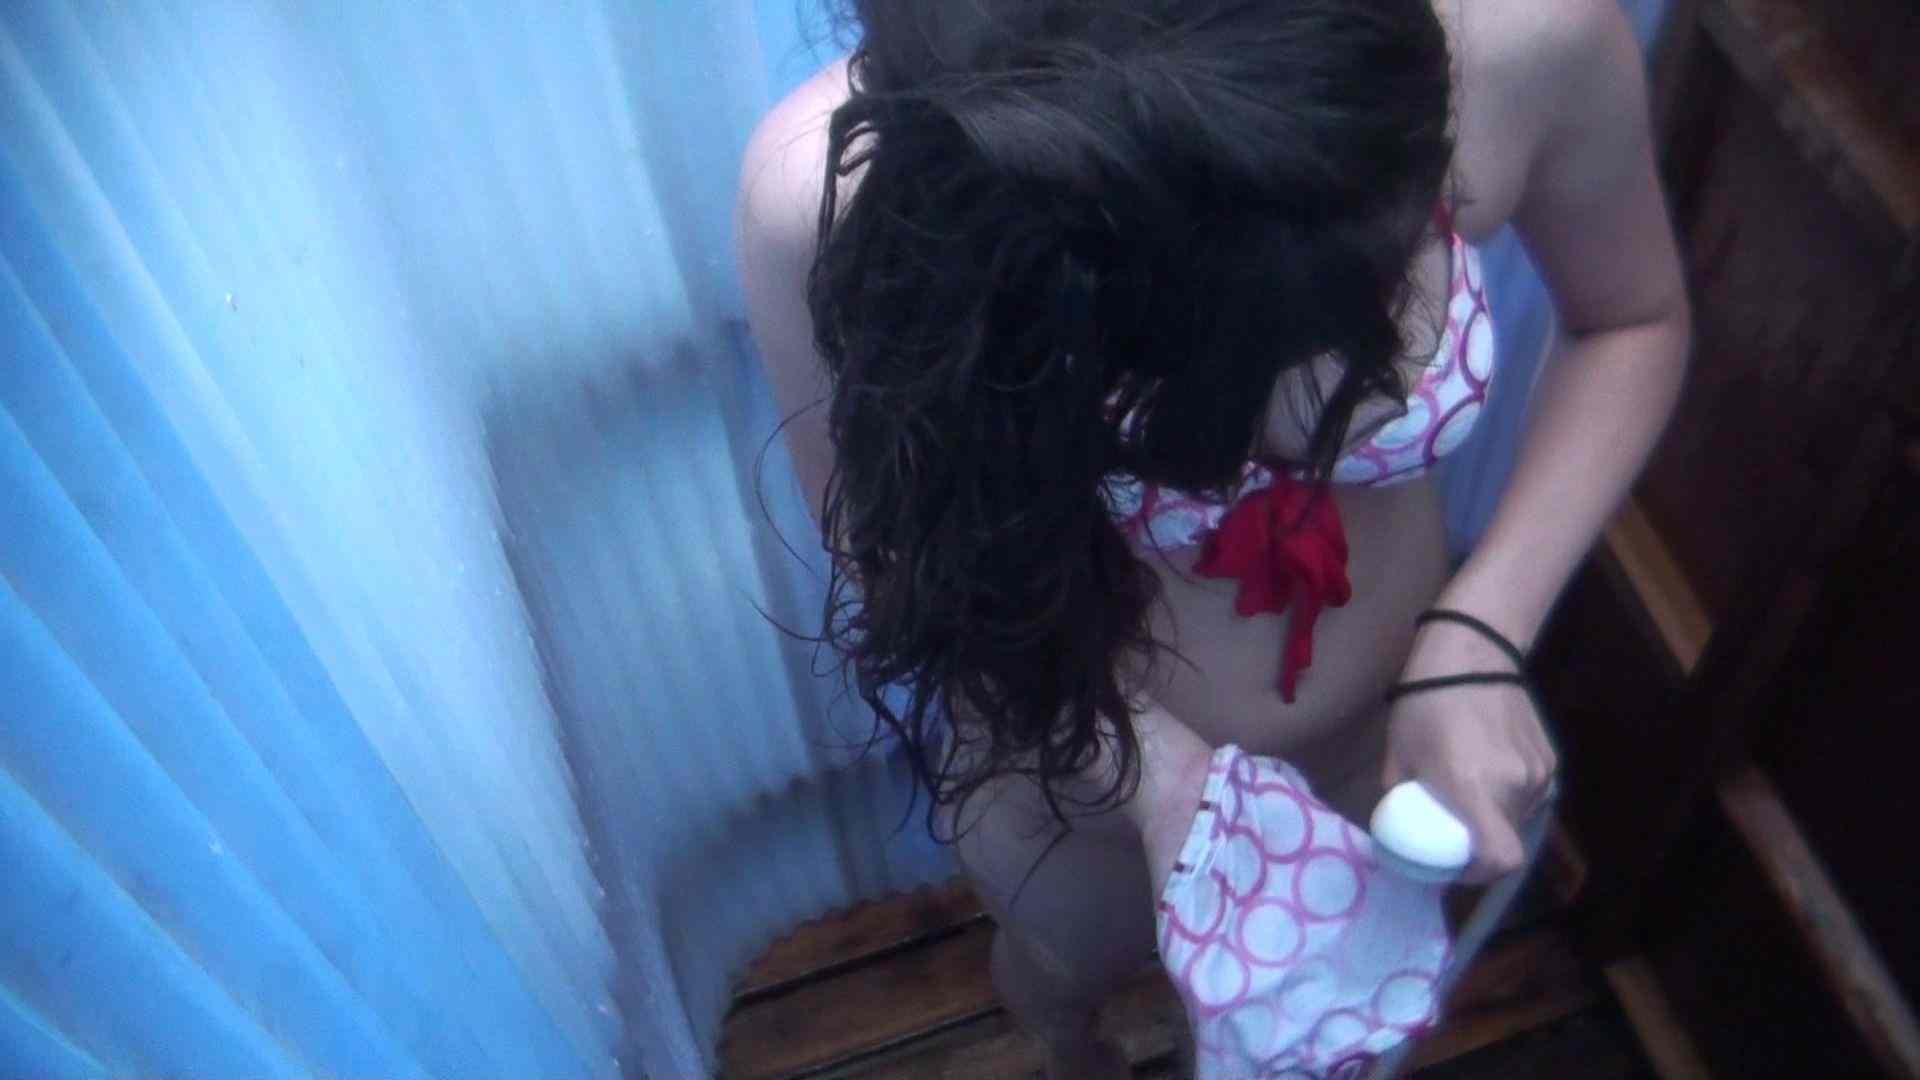 ハイビジョンシャワールームは超!!危険な香りVol.32 オッパイ隠して陰毛隠さず チラ見せ乳輪 OLエロ画像 盗撮ヌード画像 30PICs 10